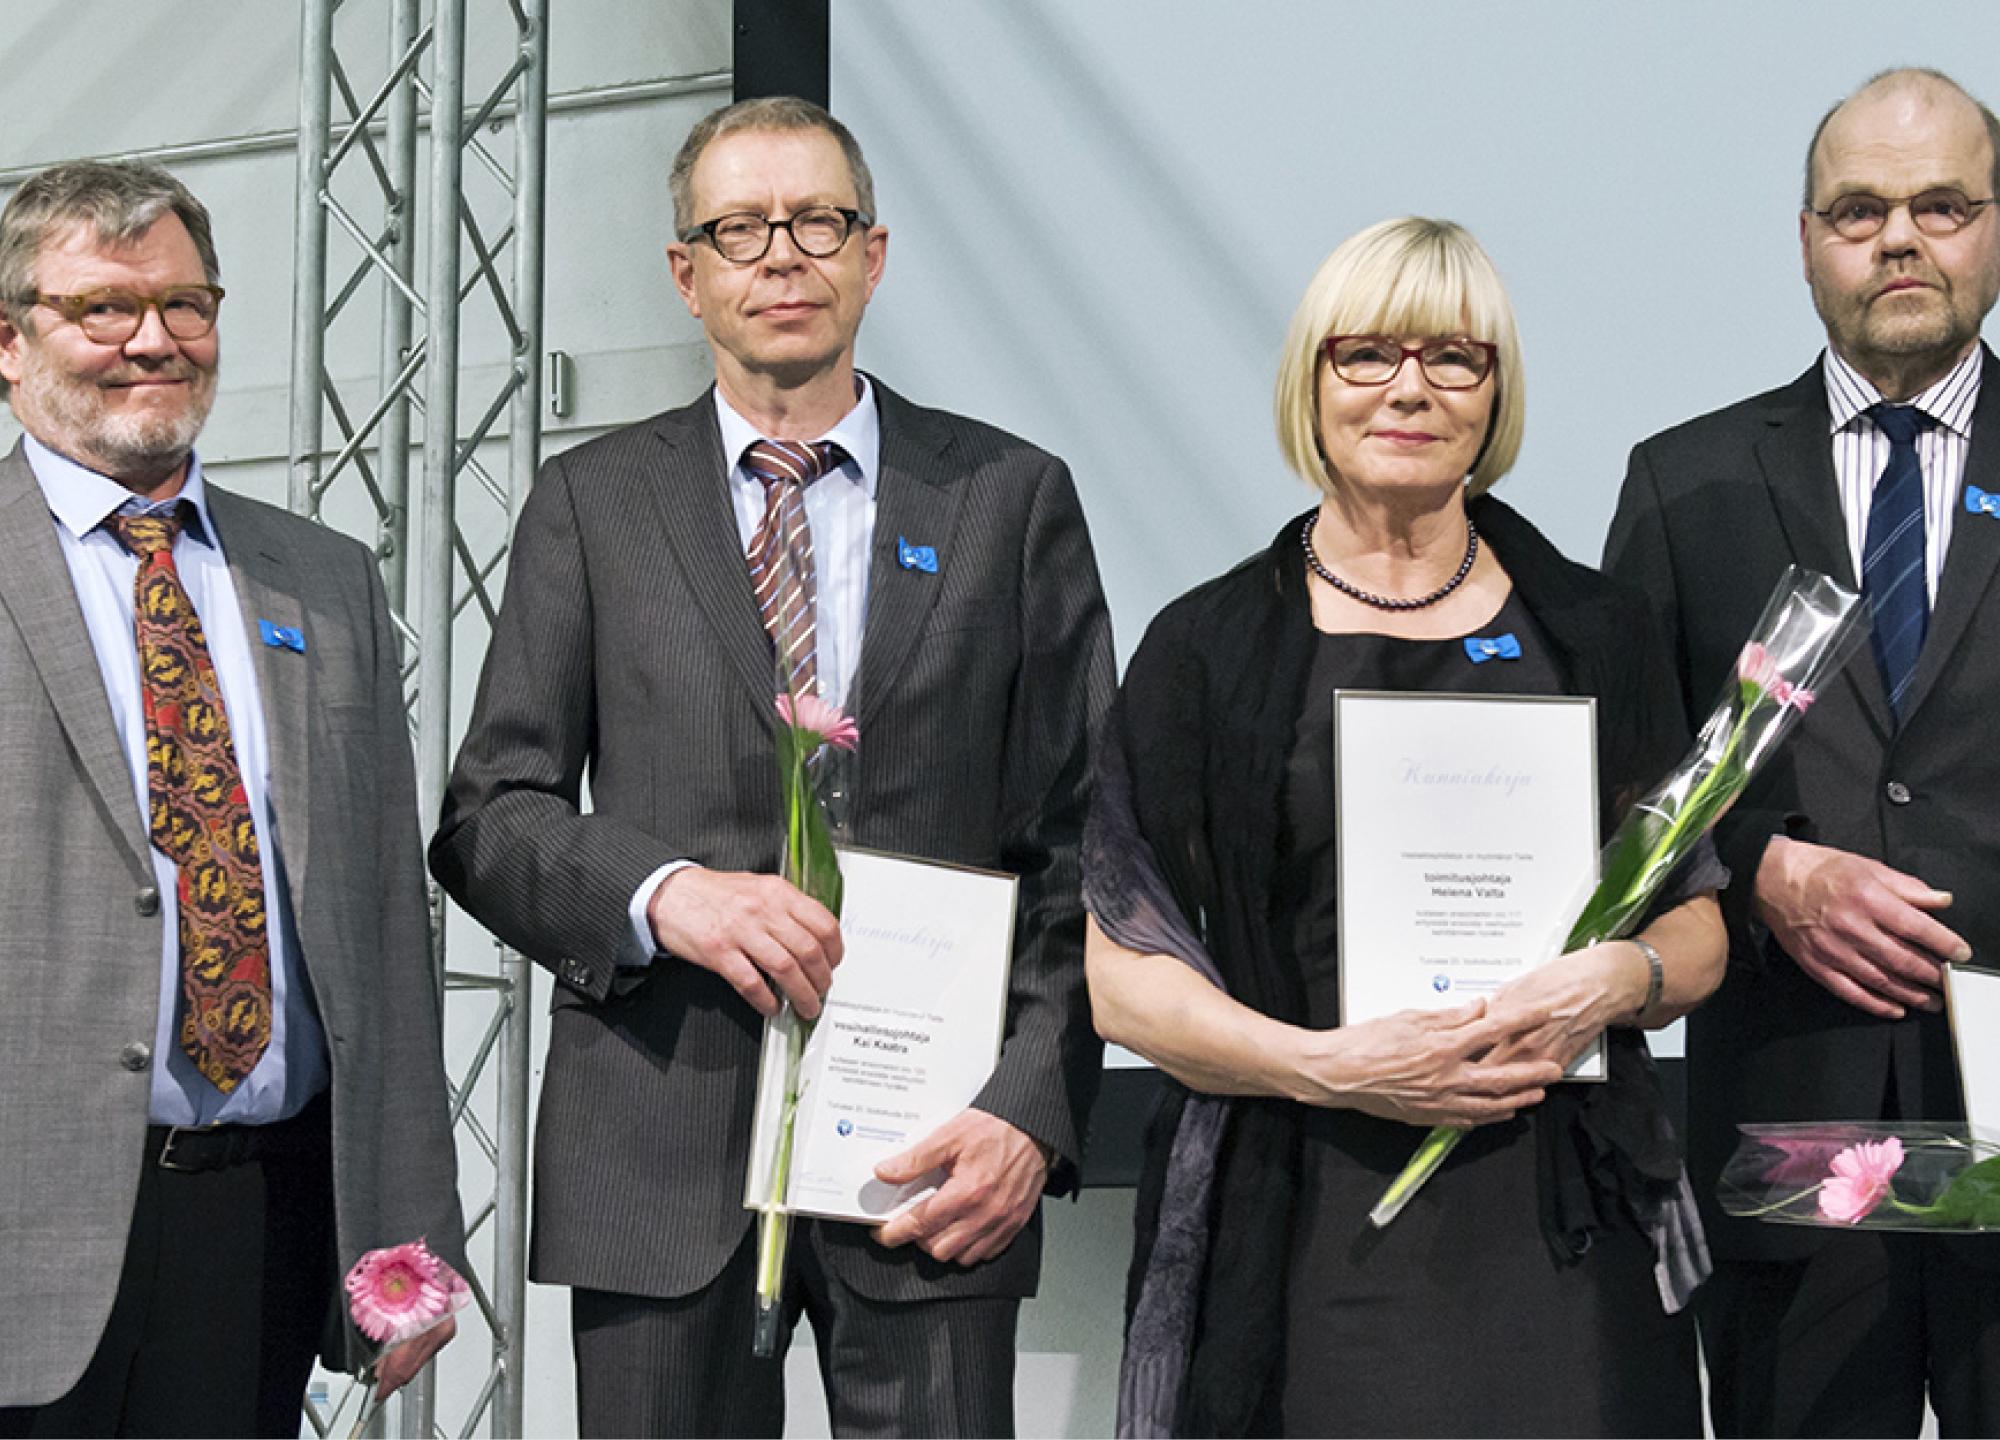 VVY:n numeroidun kultaisen ansiomerkin saajat Markku Kaksonen (vas.), Kai Kaatra, Helena Valta ja Juha Menonen.